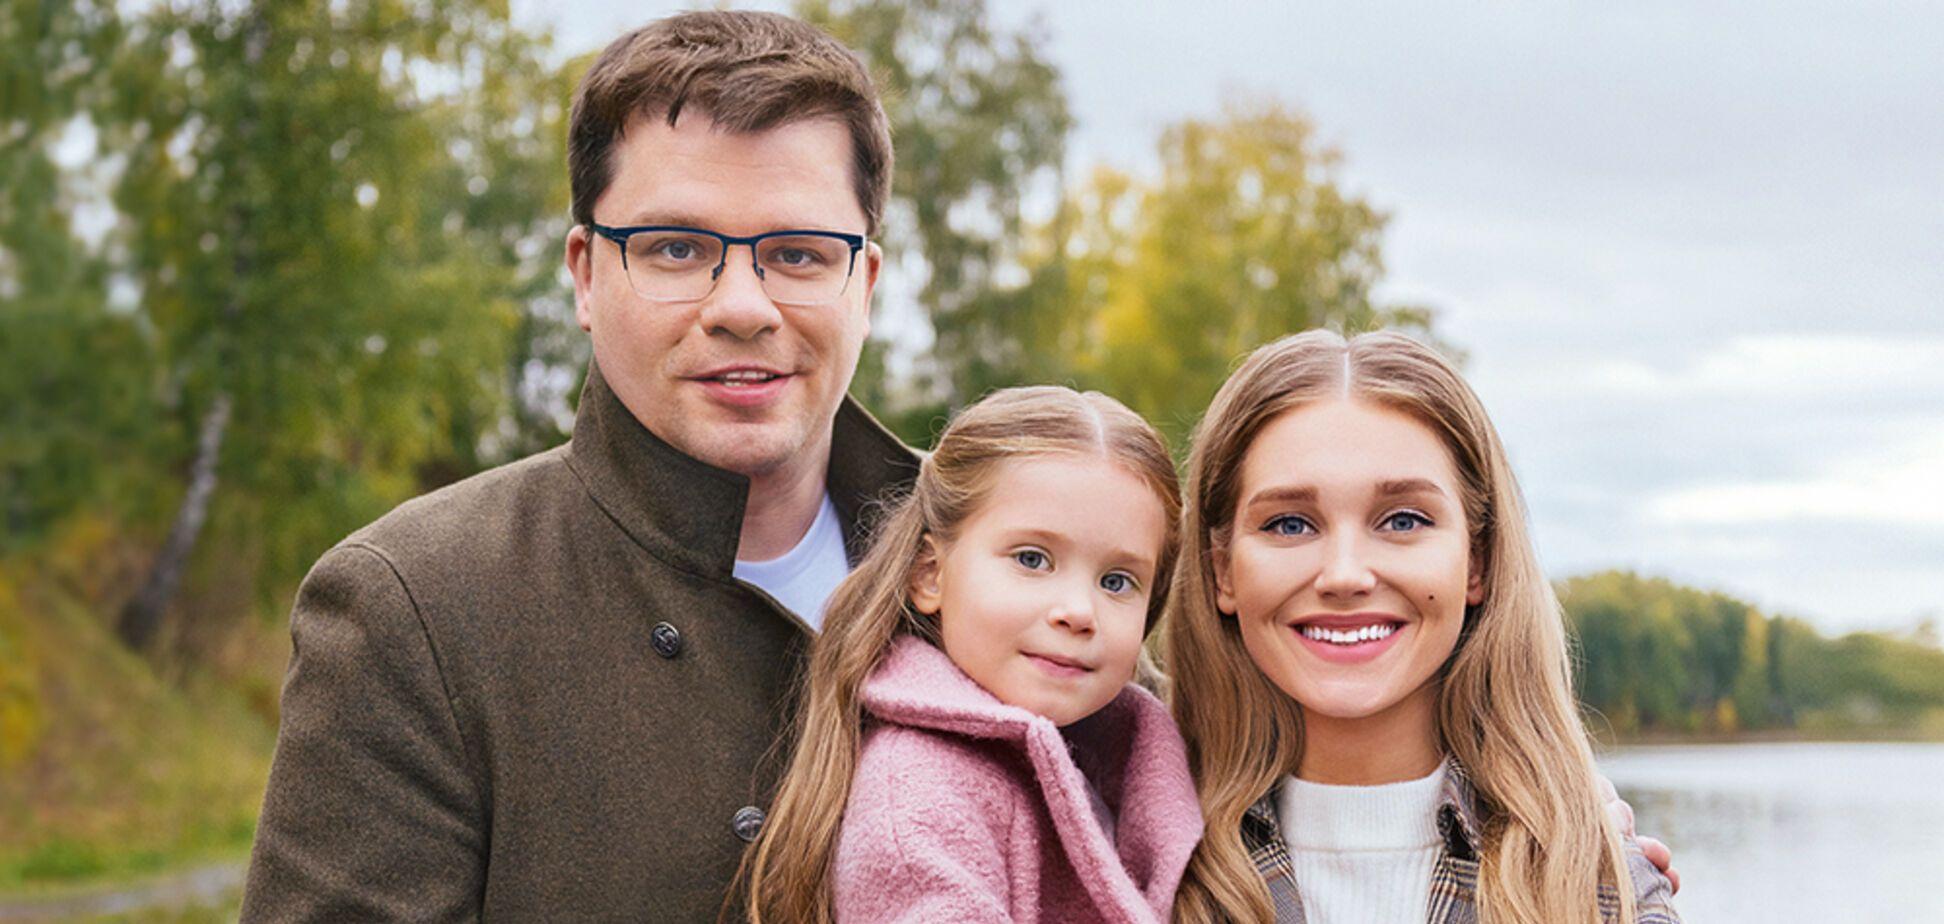 Христина Асмус повідомила про розлучення з Гаріком Харламовим